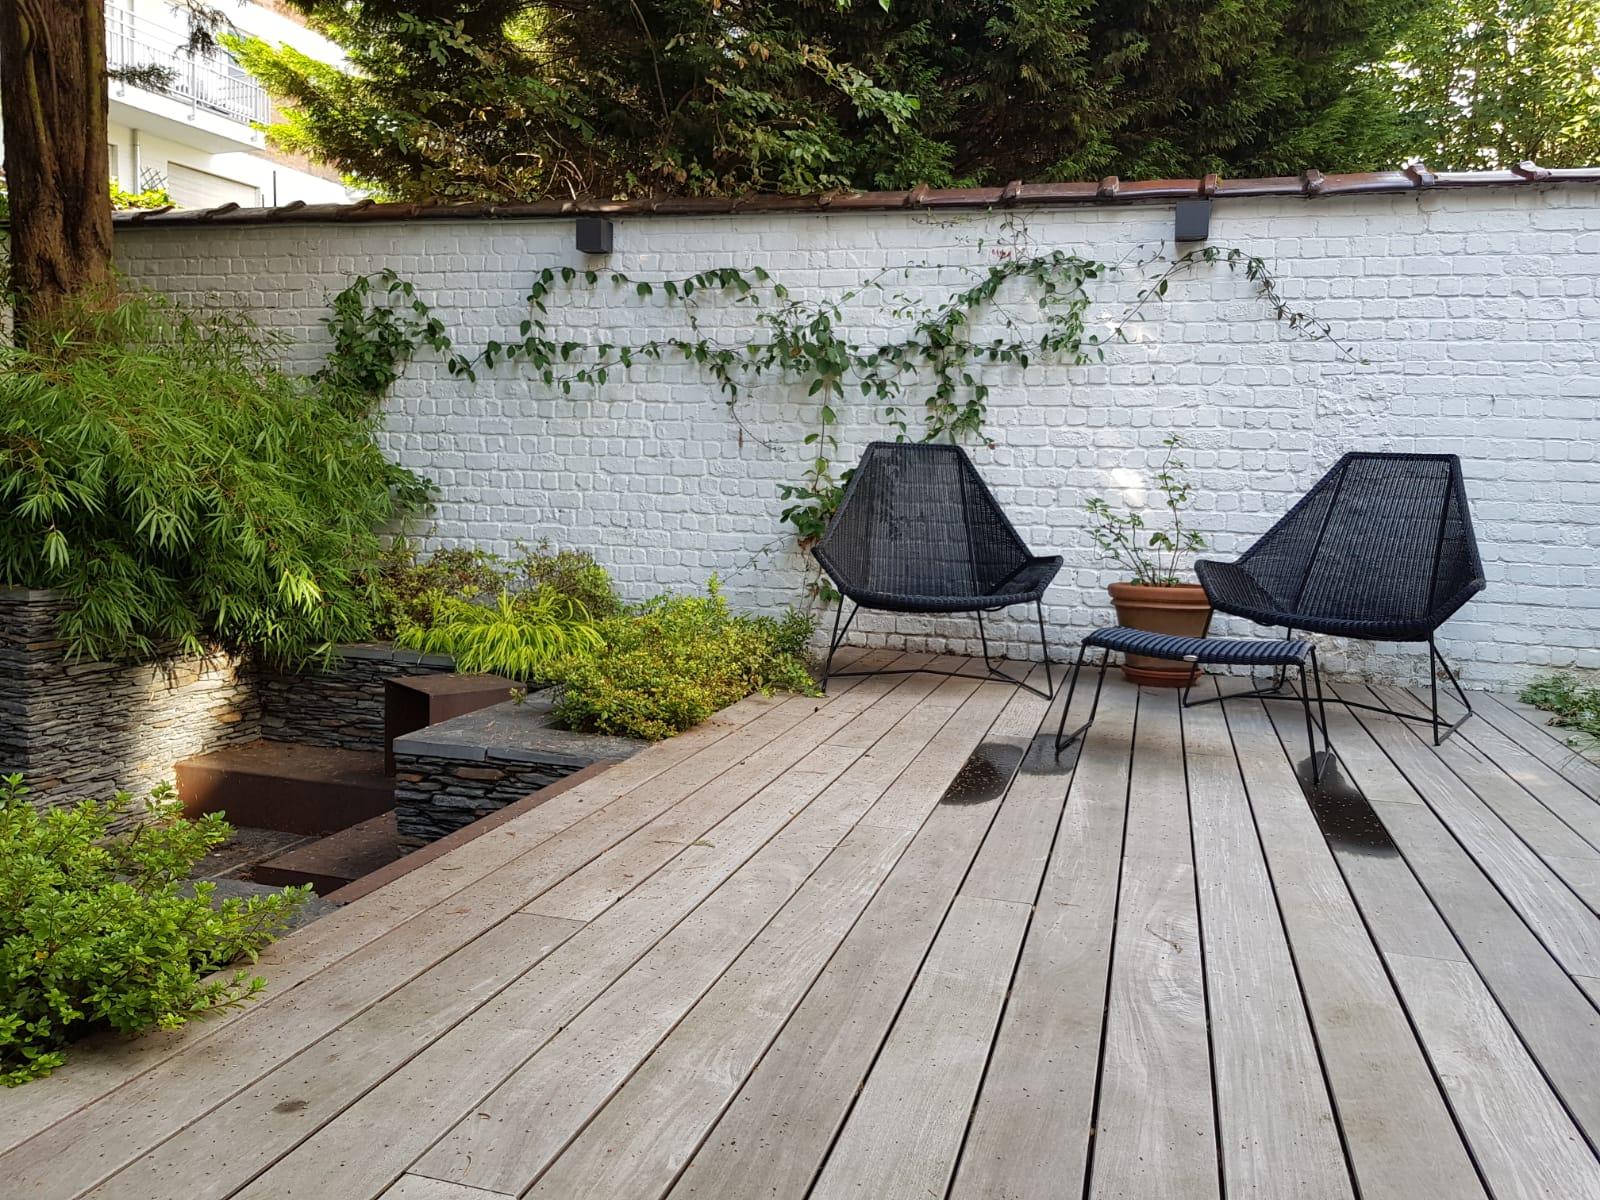 Cour sur 4 niveaux - Niveau intermédiaire / +1an - Terrasse en Ipe/ Fixation B-Fix - Amenagement jardin Bruxelles